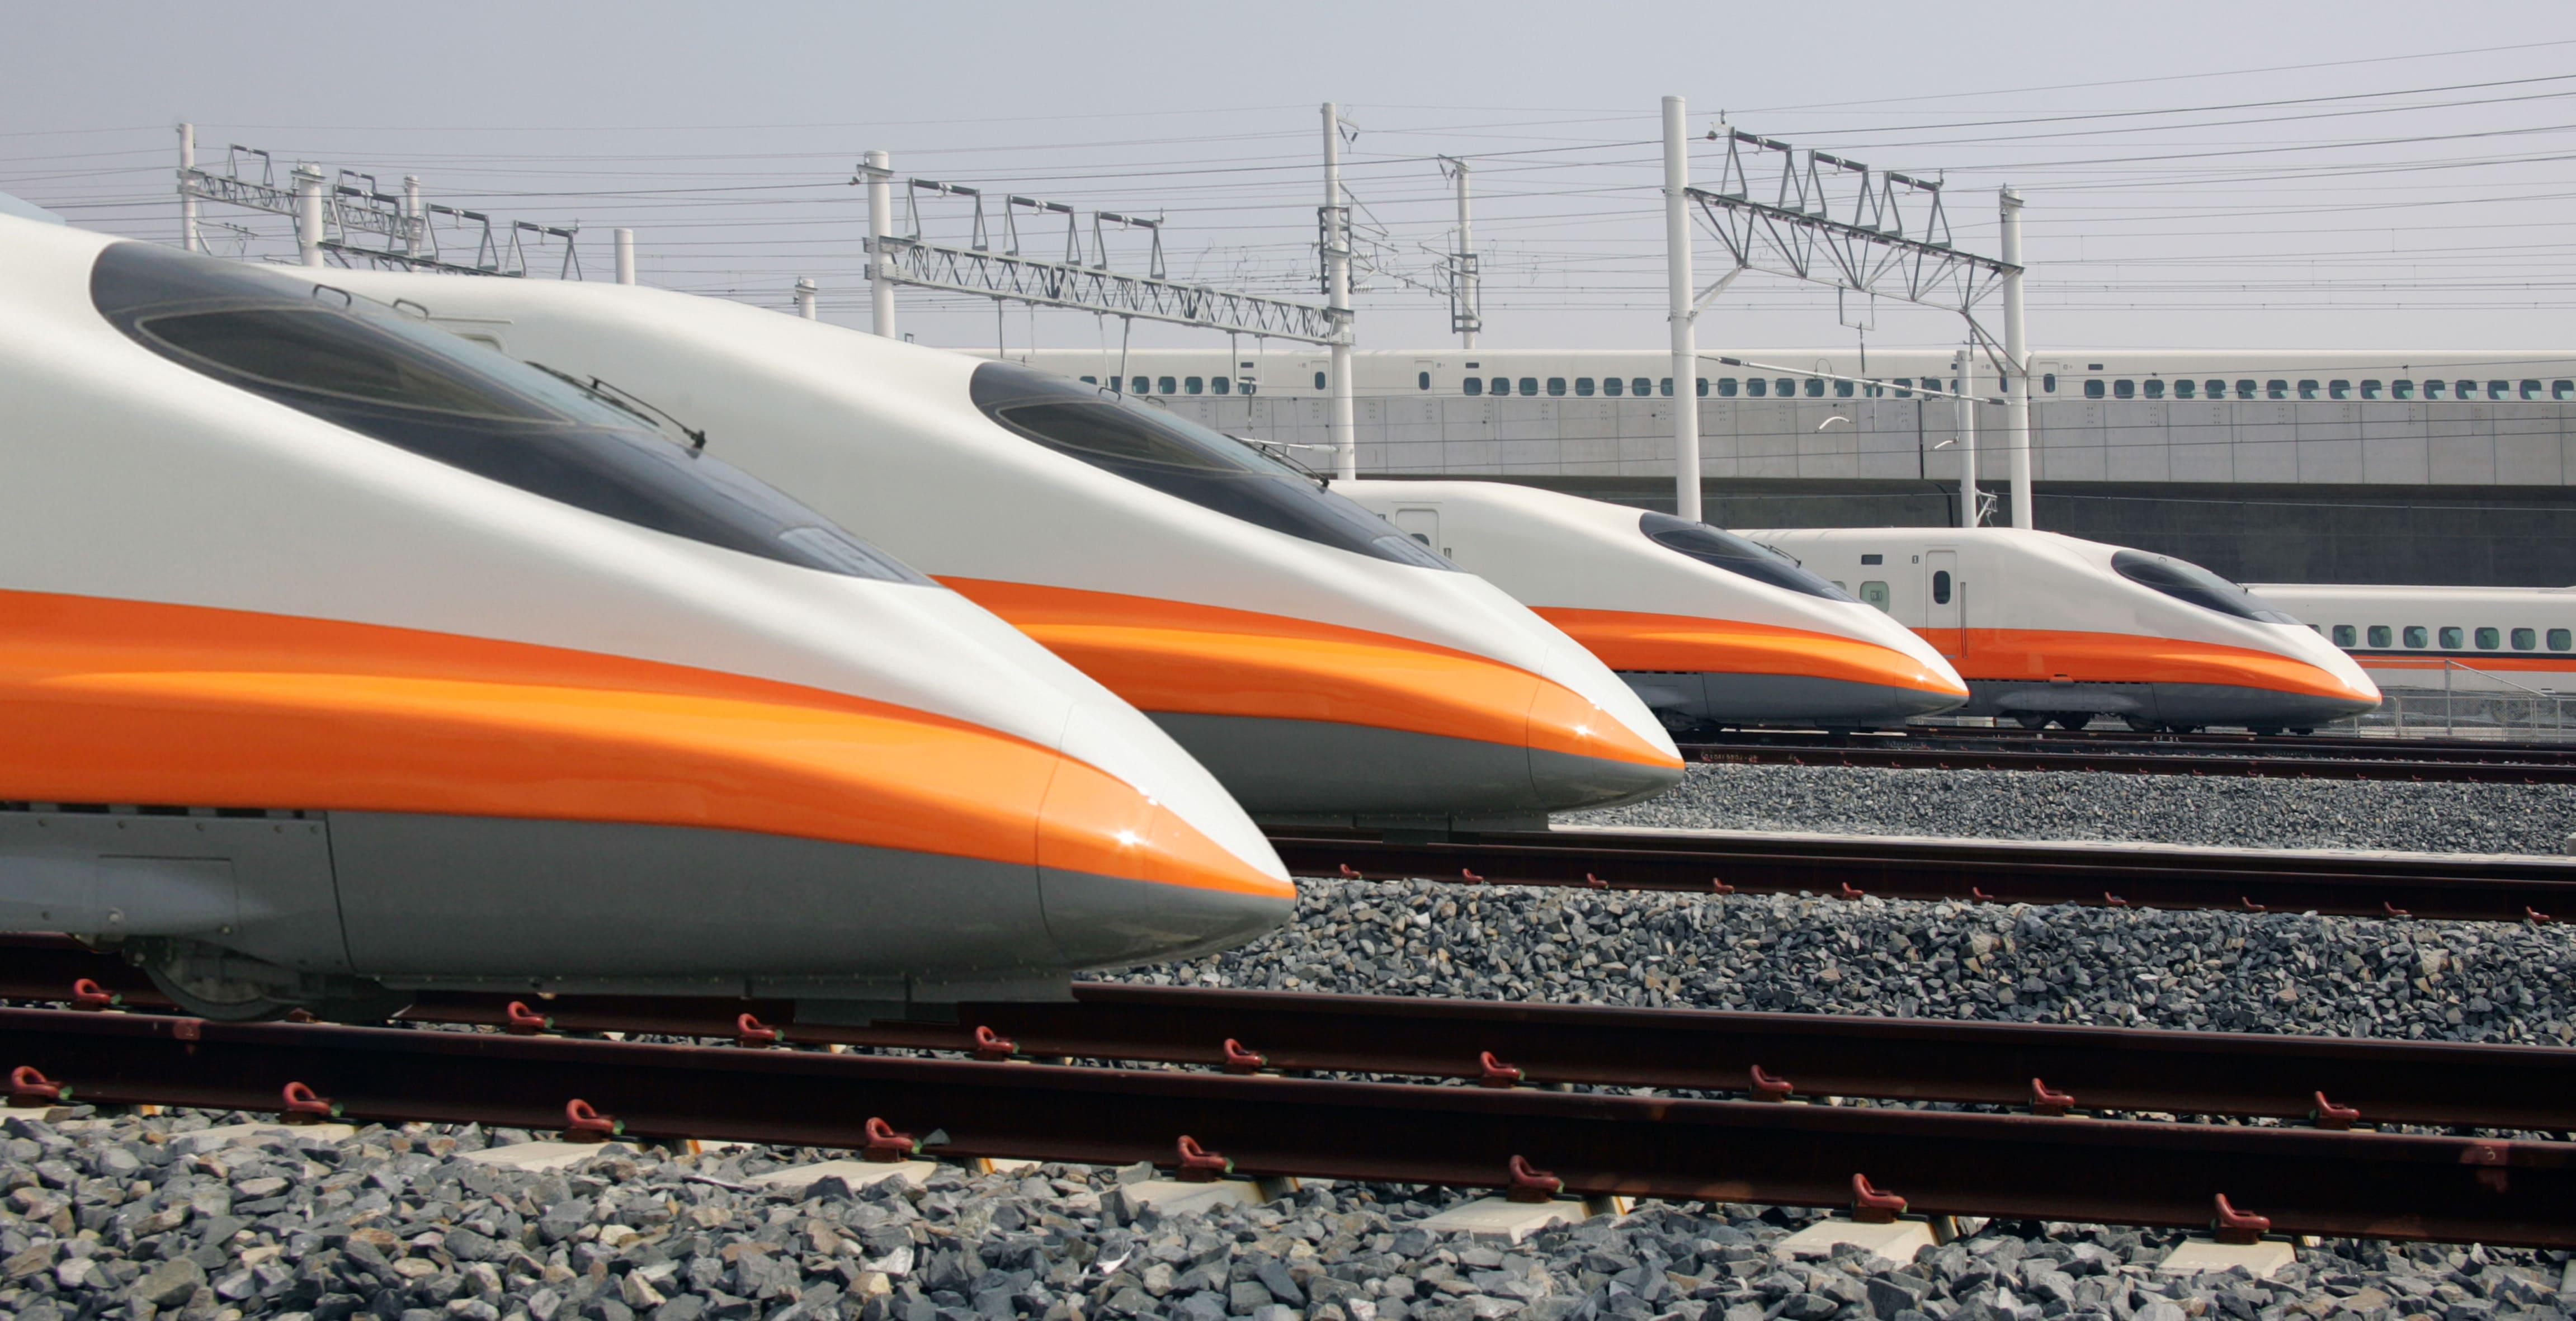 還有更多詳情/圖片[encore] KKday 訂台灣高鐵:兩人同行,一人免費限時優惠碼,包幫到你搵到最正嘅優惠呀!